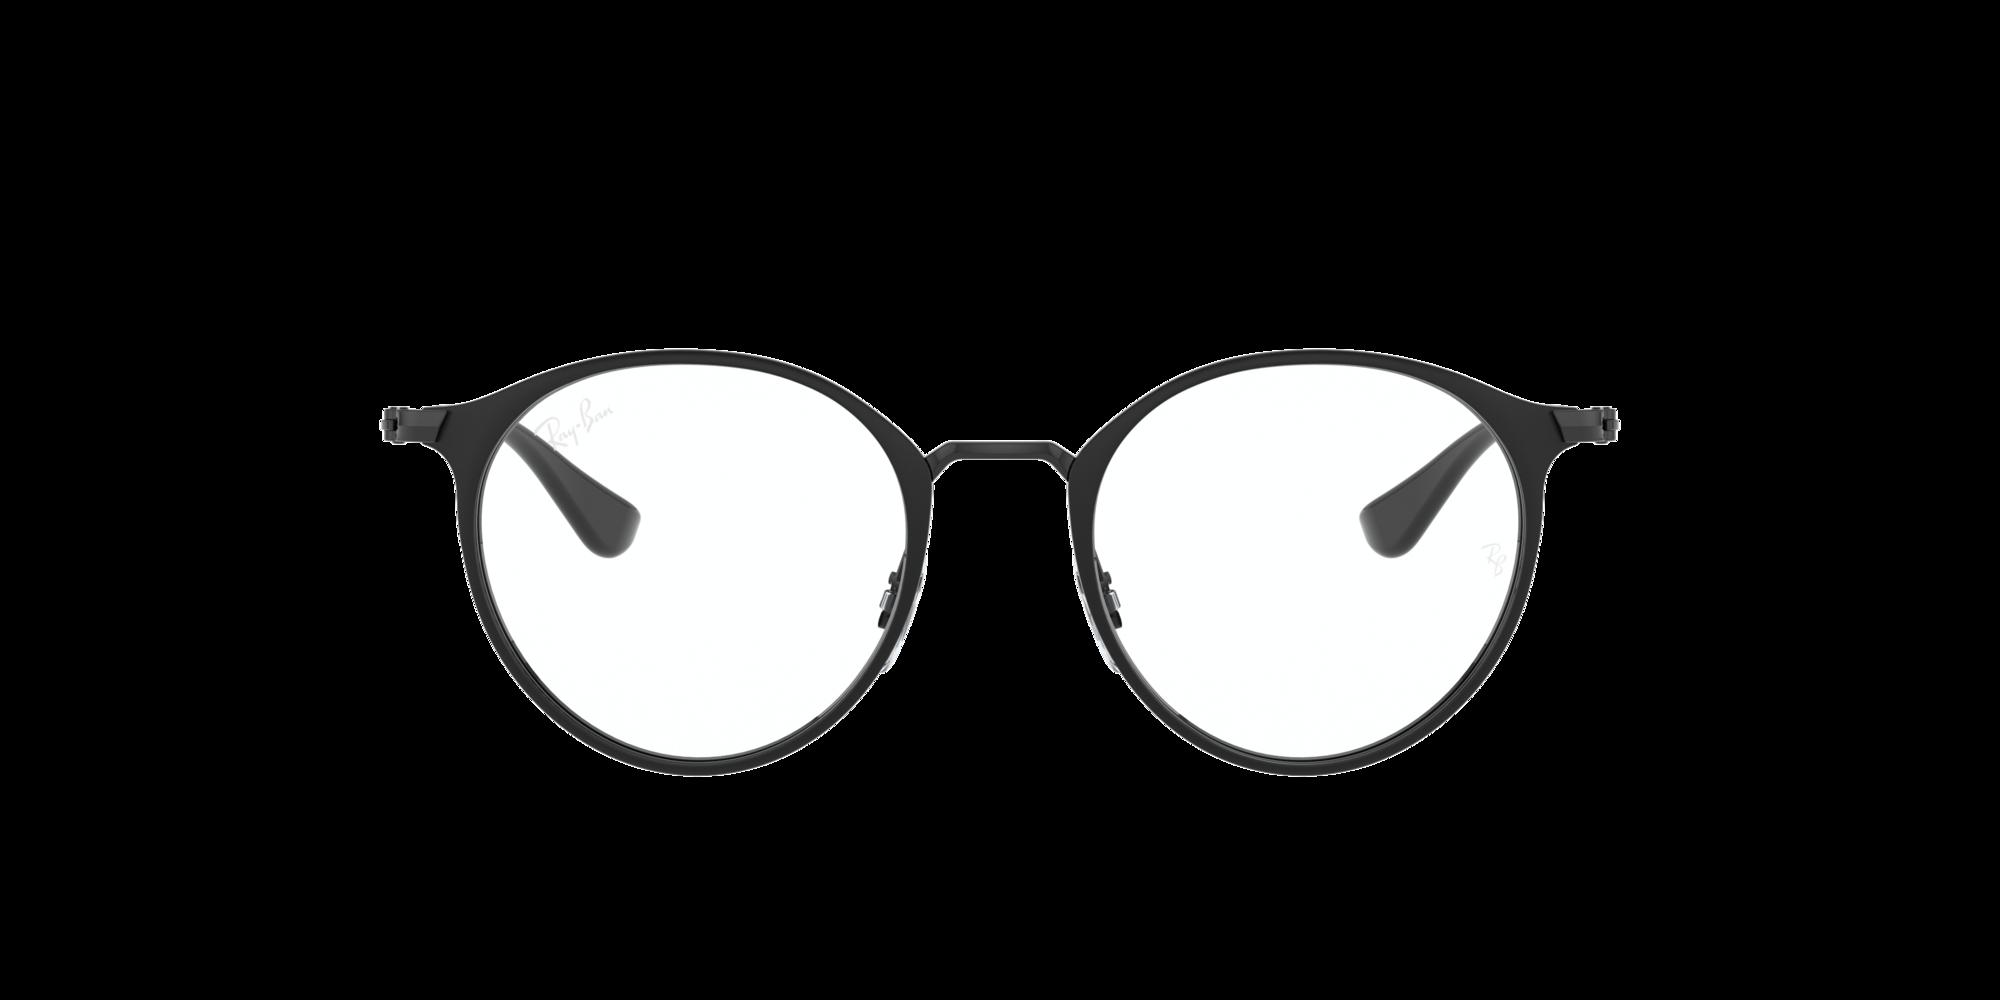 Imagen para RY1053 de LensCrafters    Espejuelos, espejuelos graduados en línea, gafas